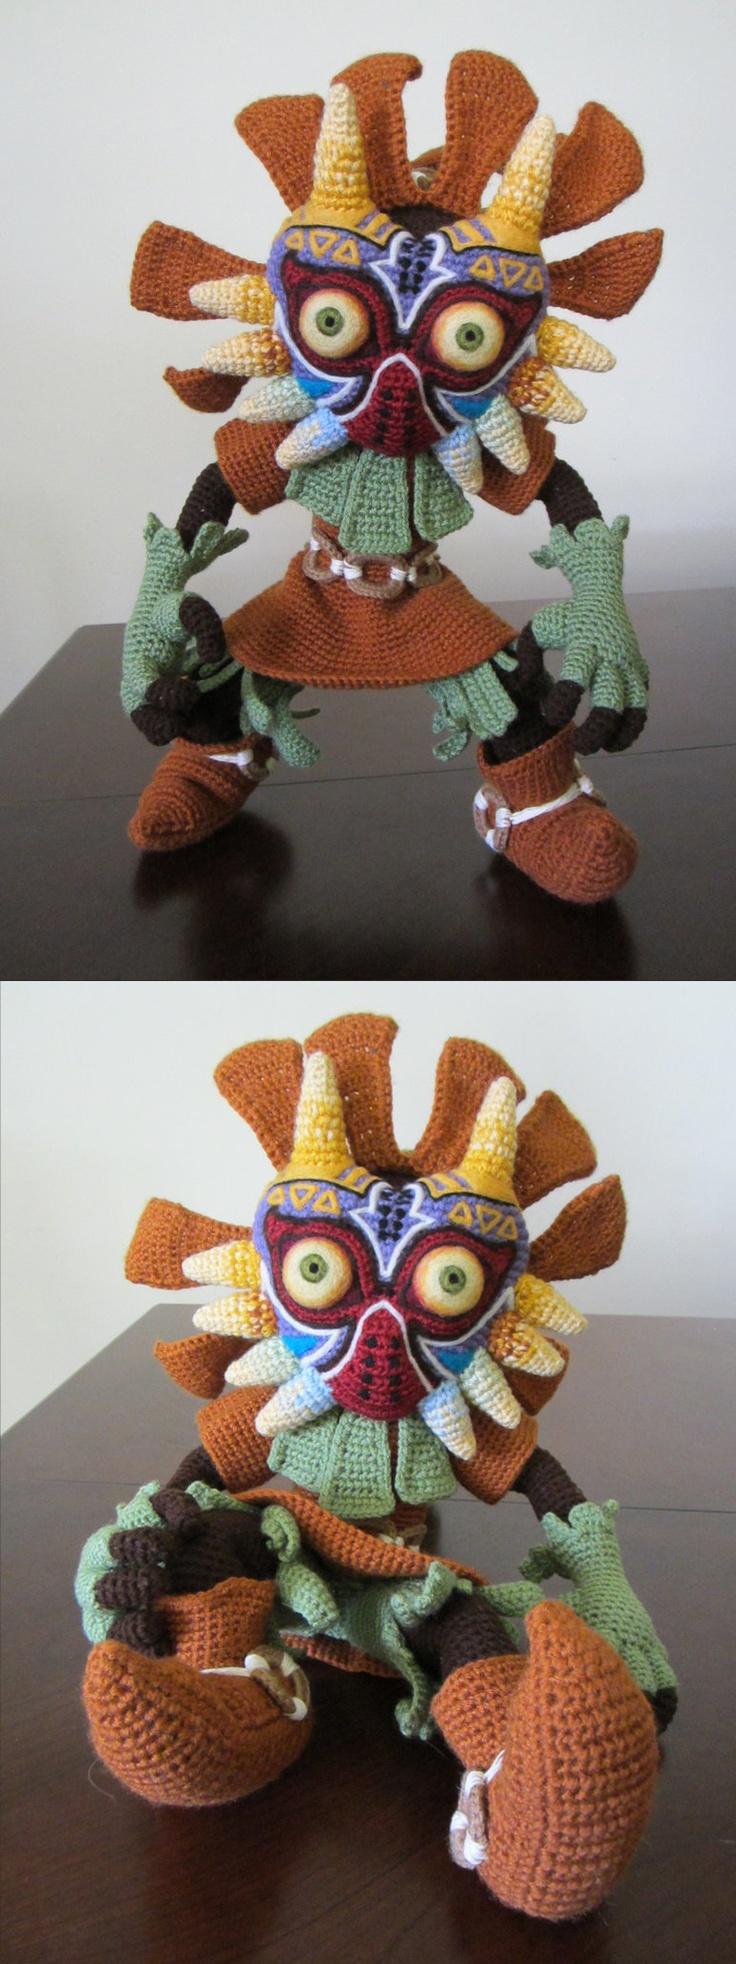 Skull Kid crocheting